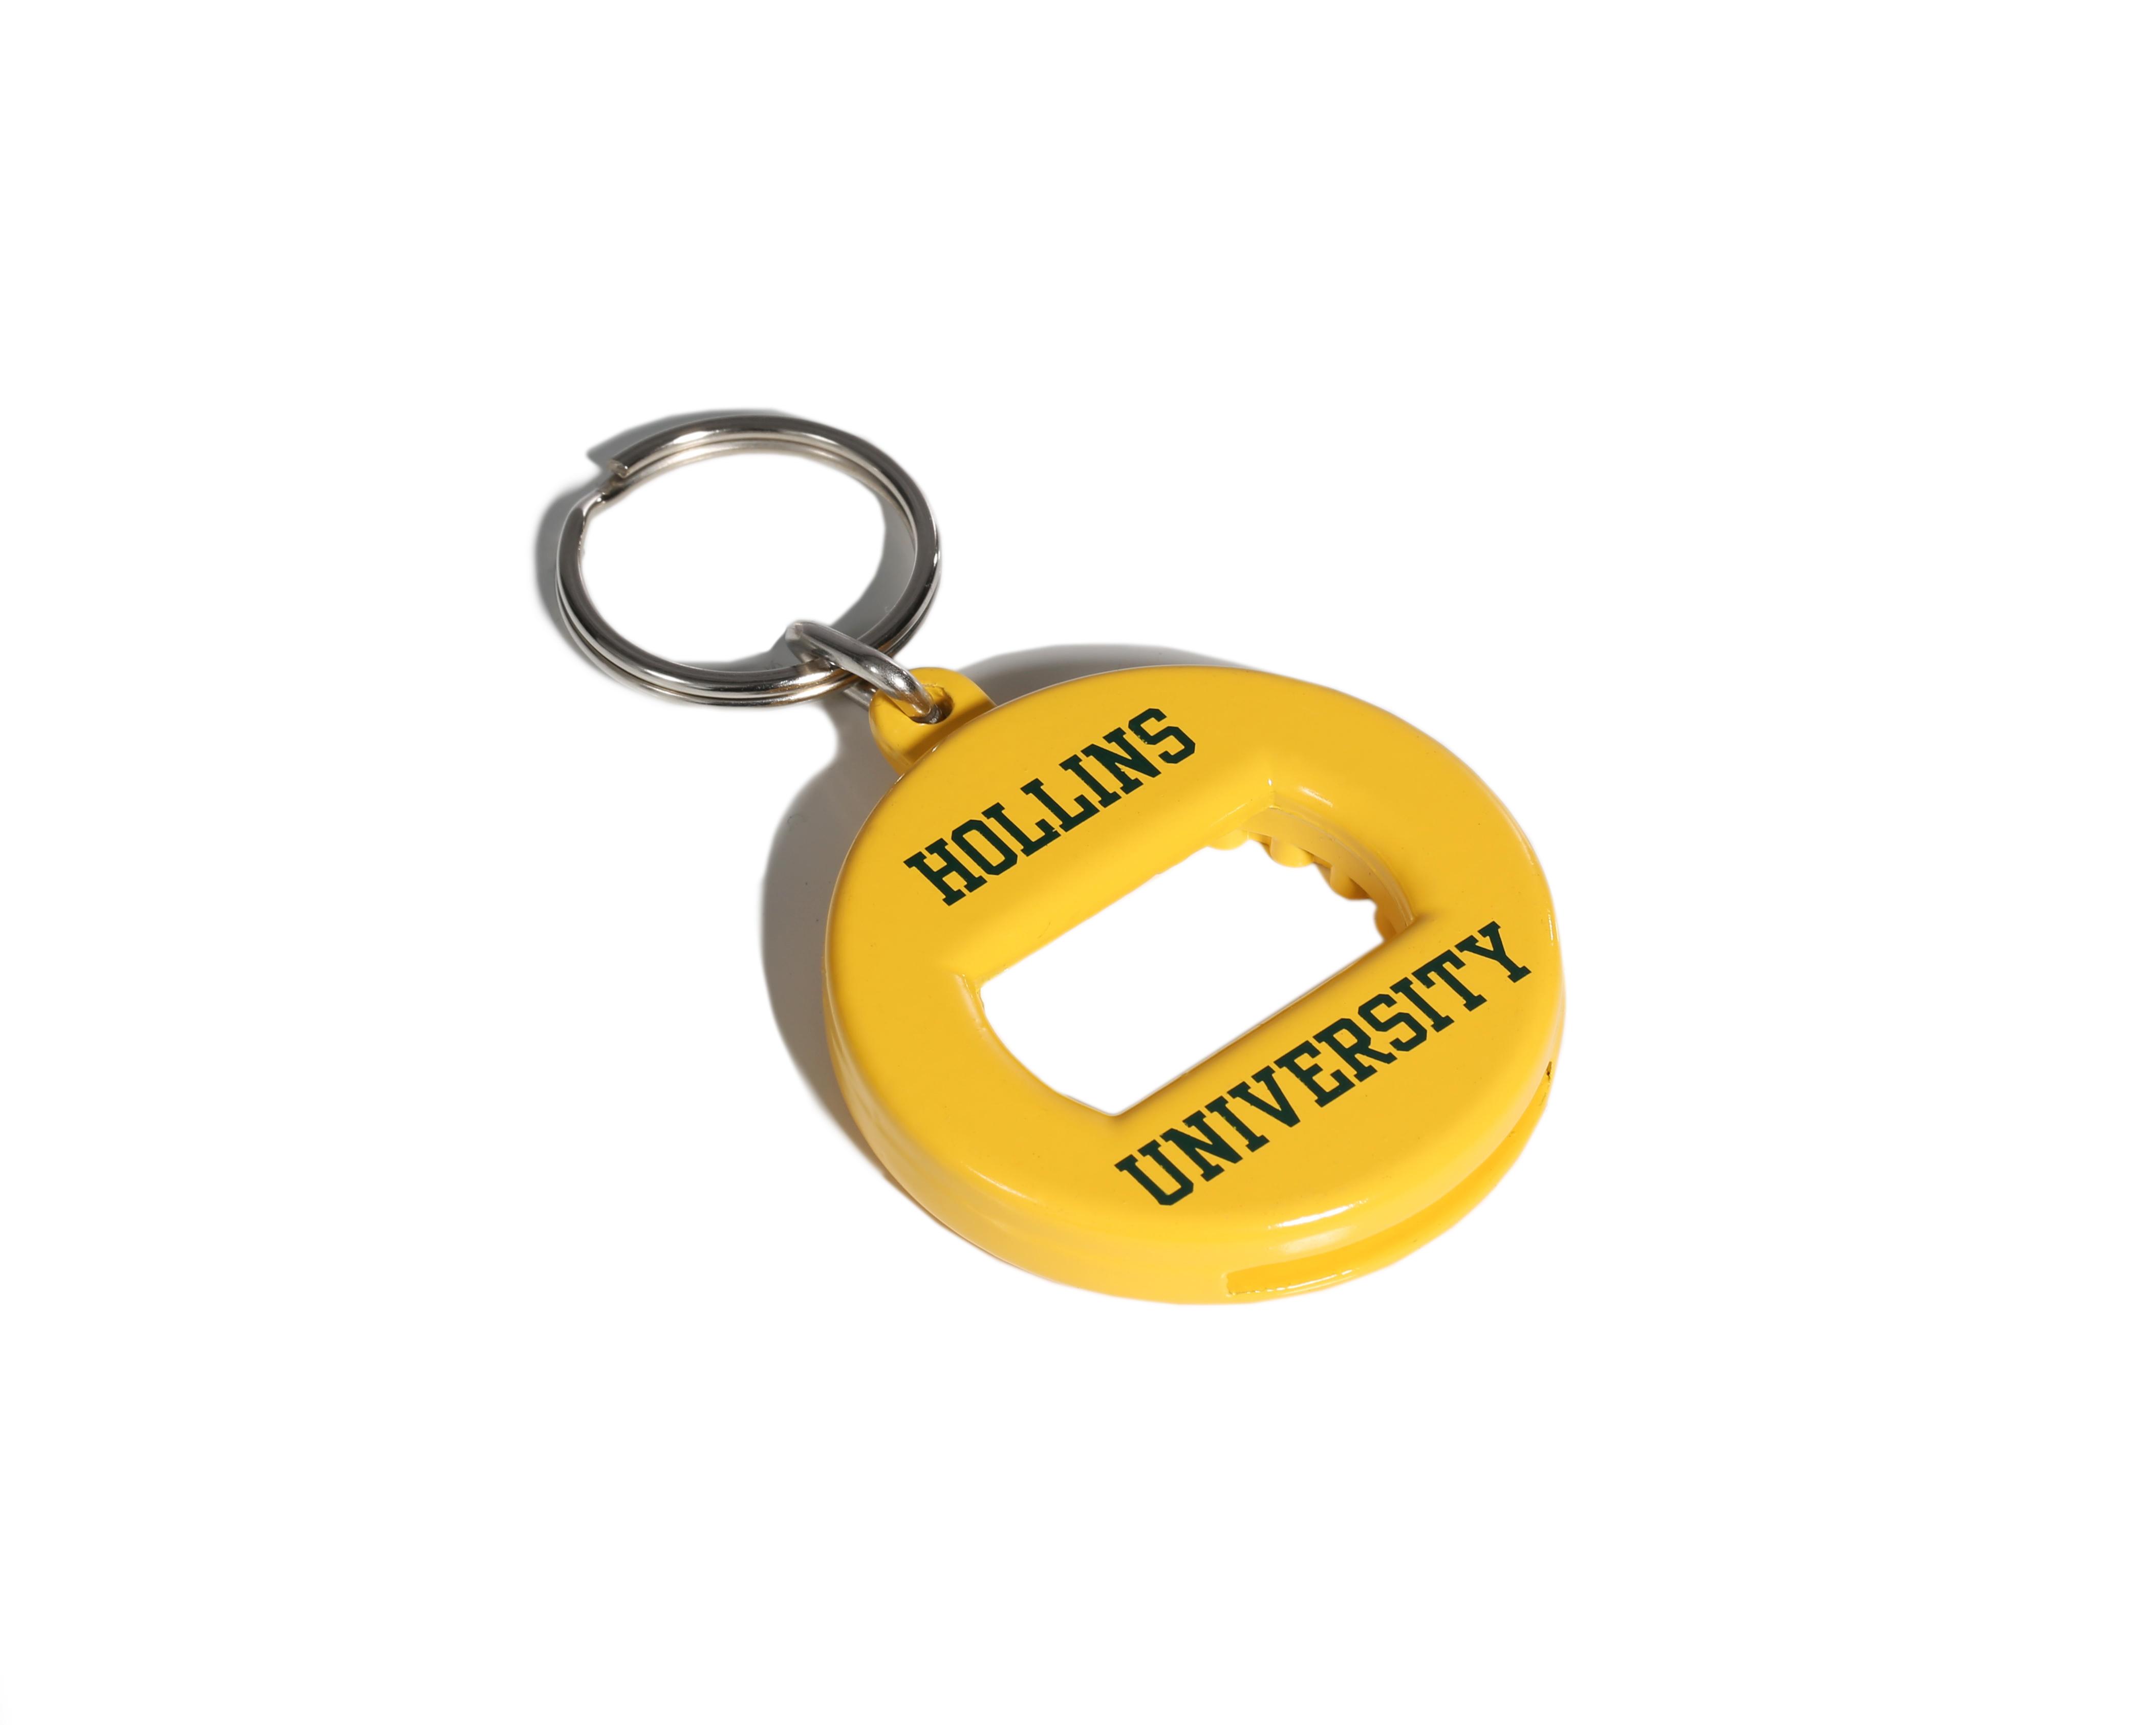 BevKey Keychain